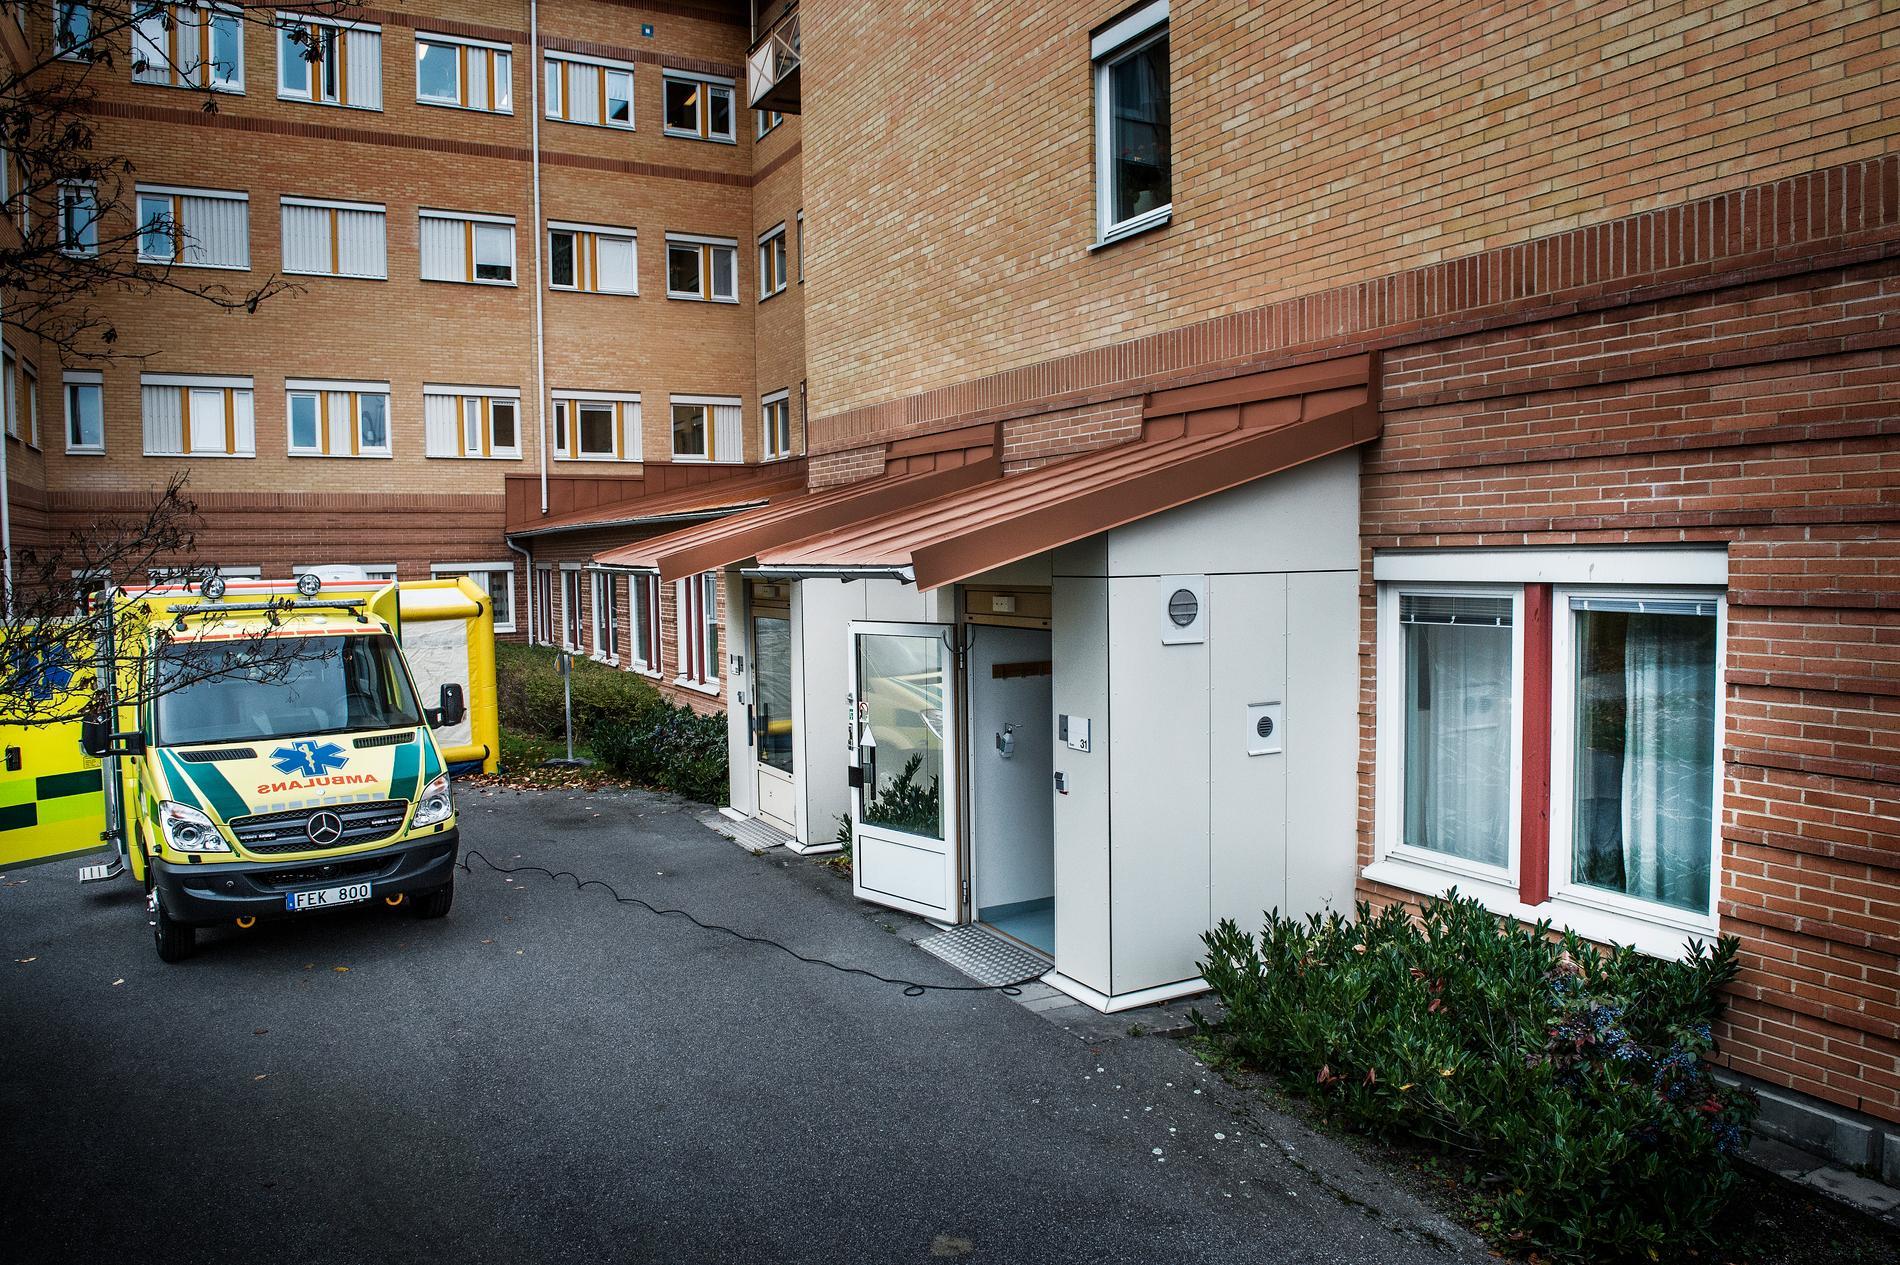 En person har huggits med någon form av vasst föremål i Linköping. Arkivbild.